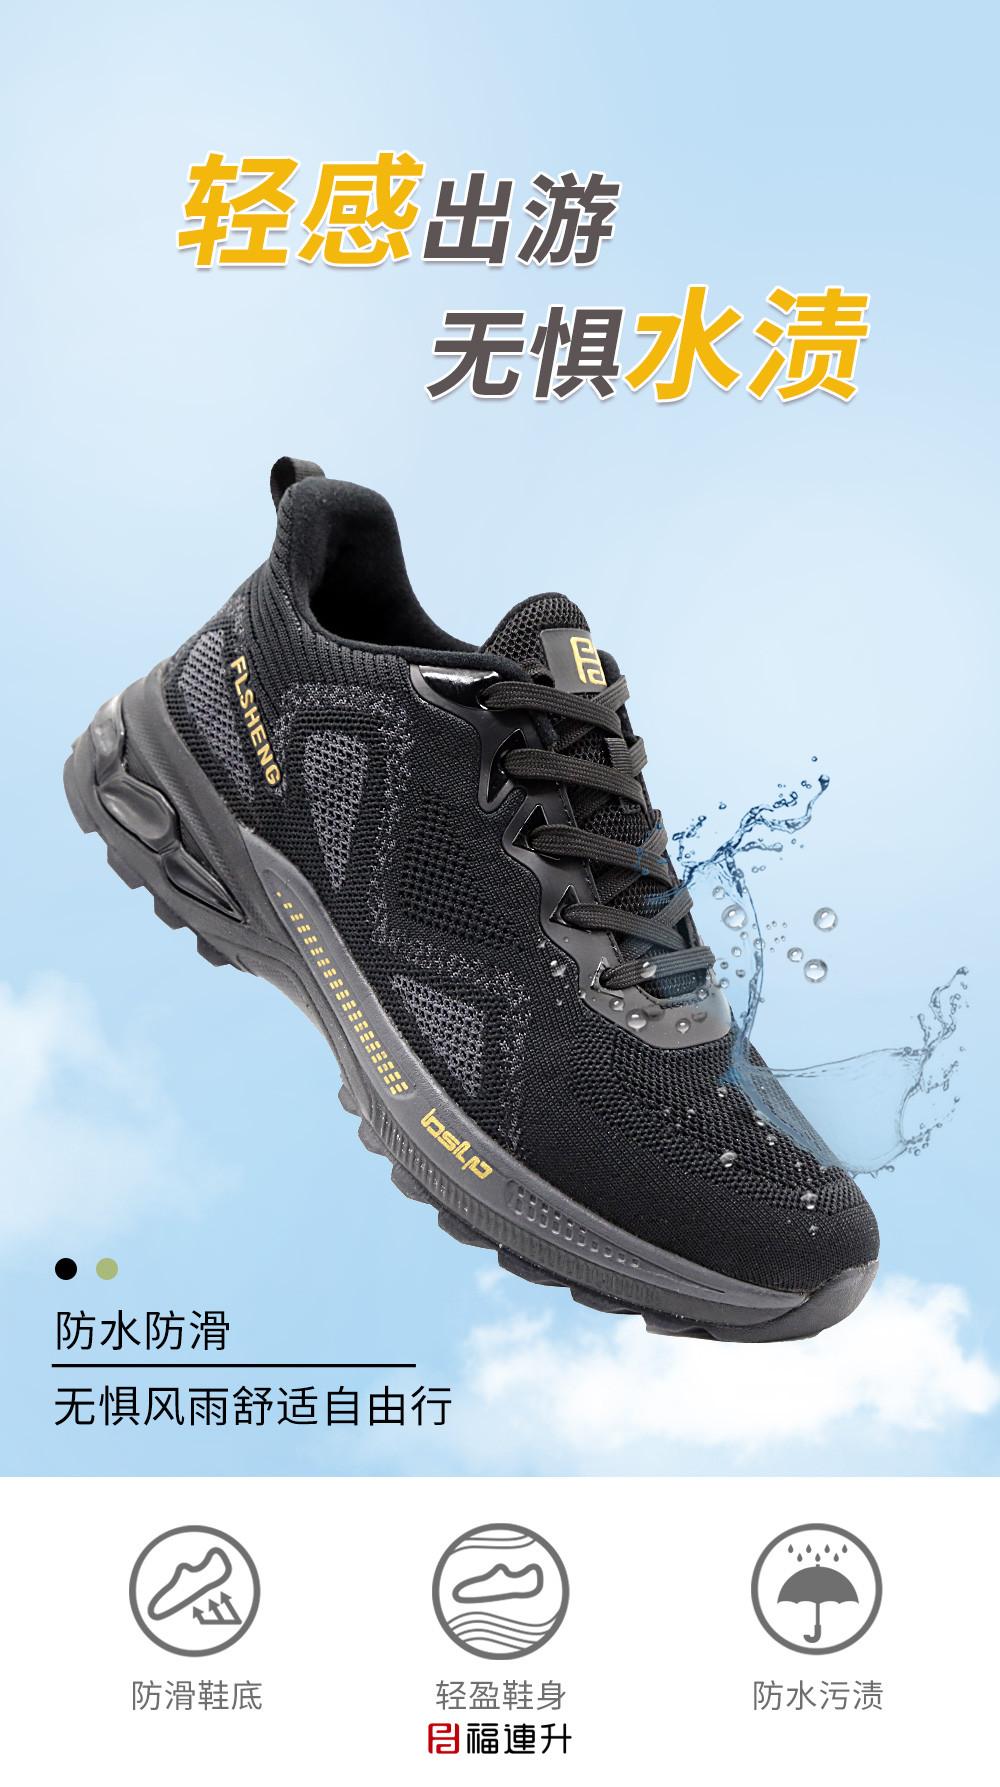 福连升2020冬季新款防水飞织运动鞋中年旅游鞋男鞋图片